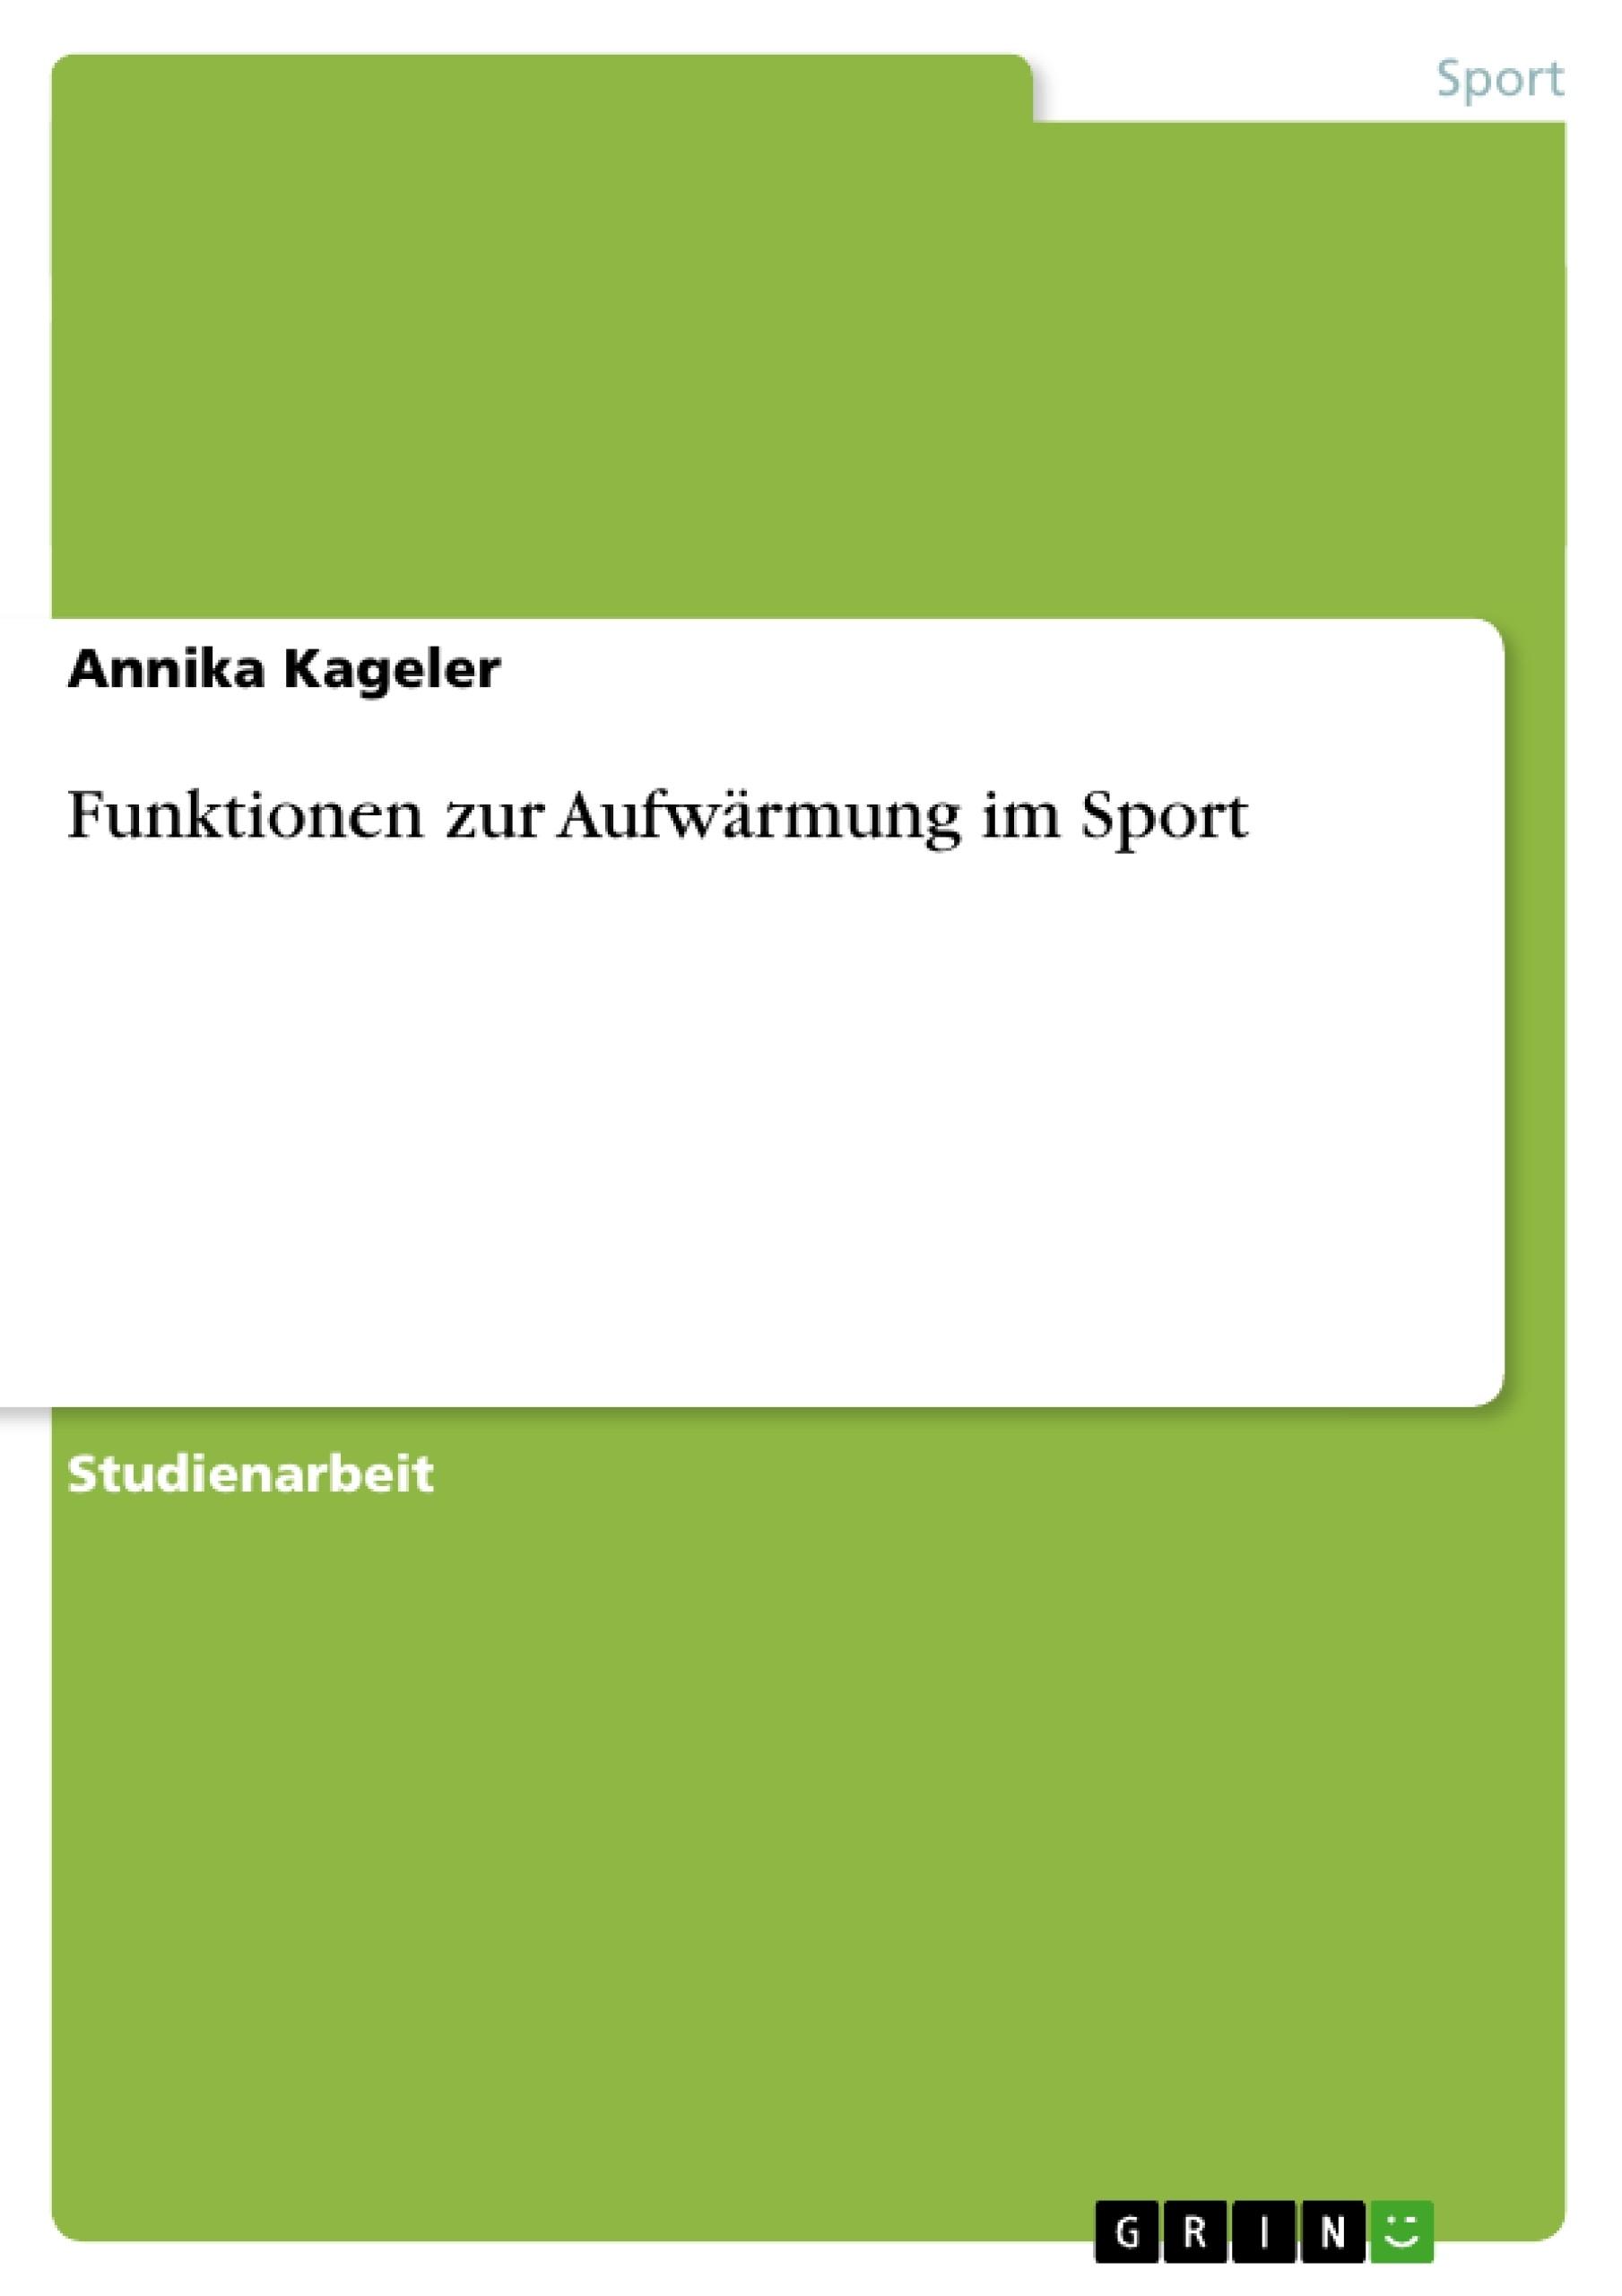 Titel: Funktionen zur Aufwärmung im Sport